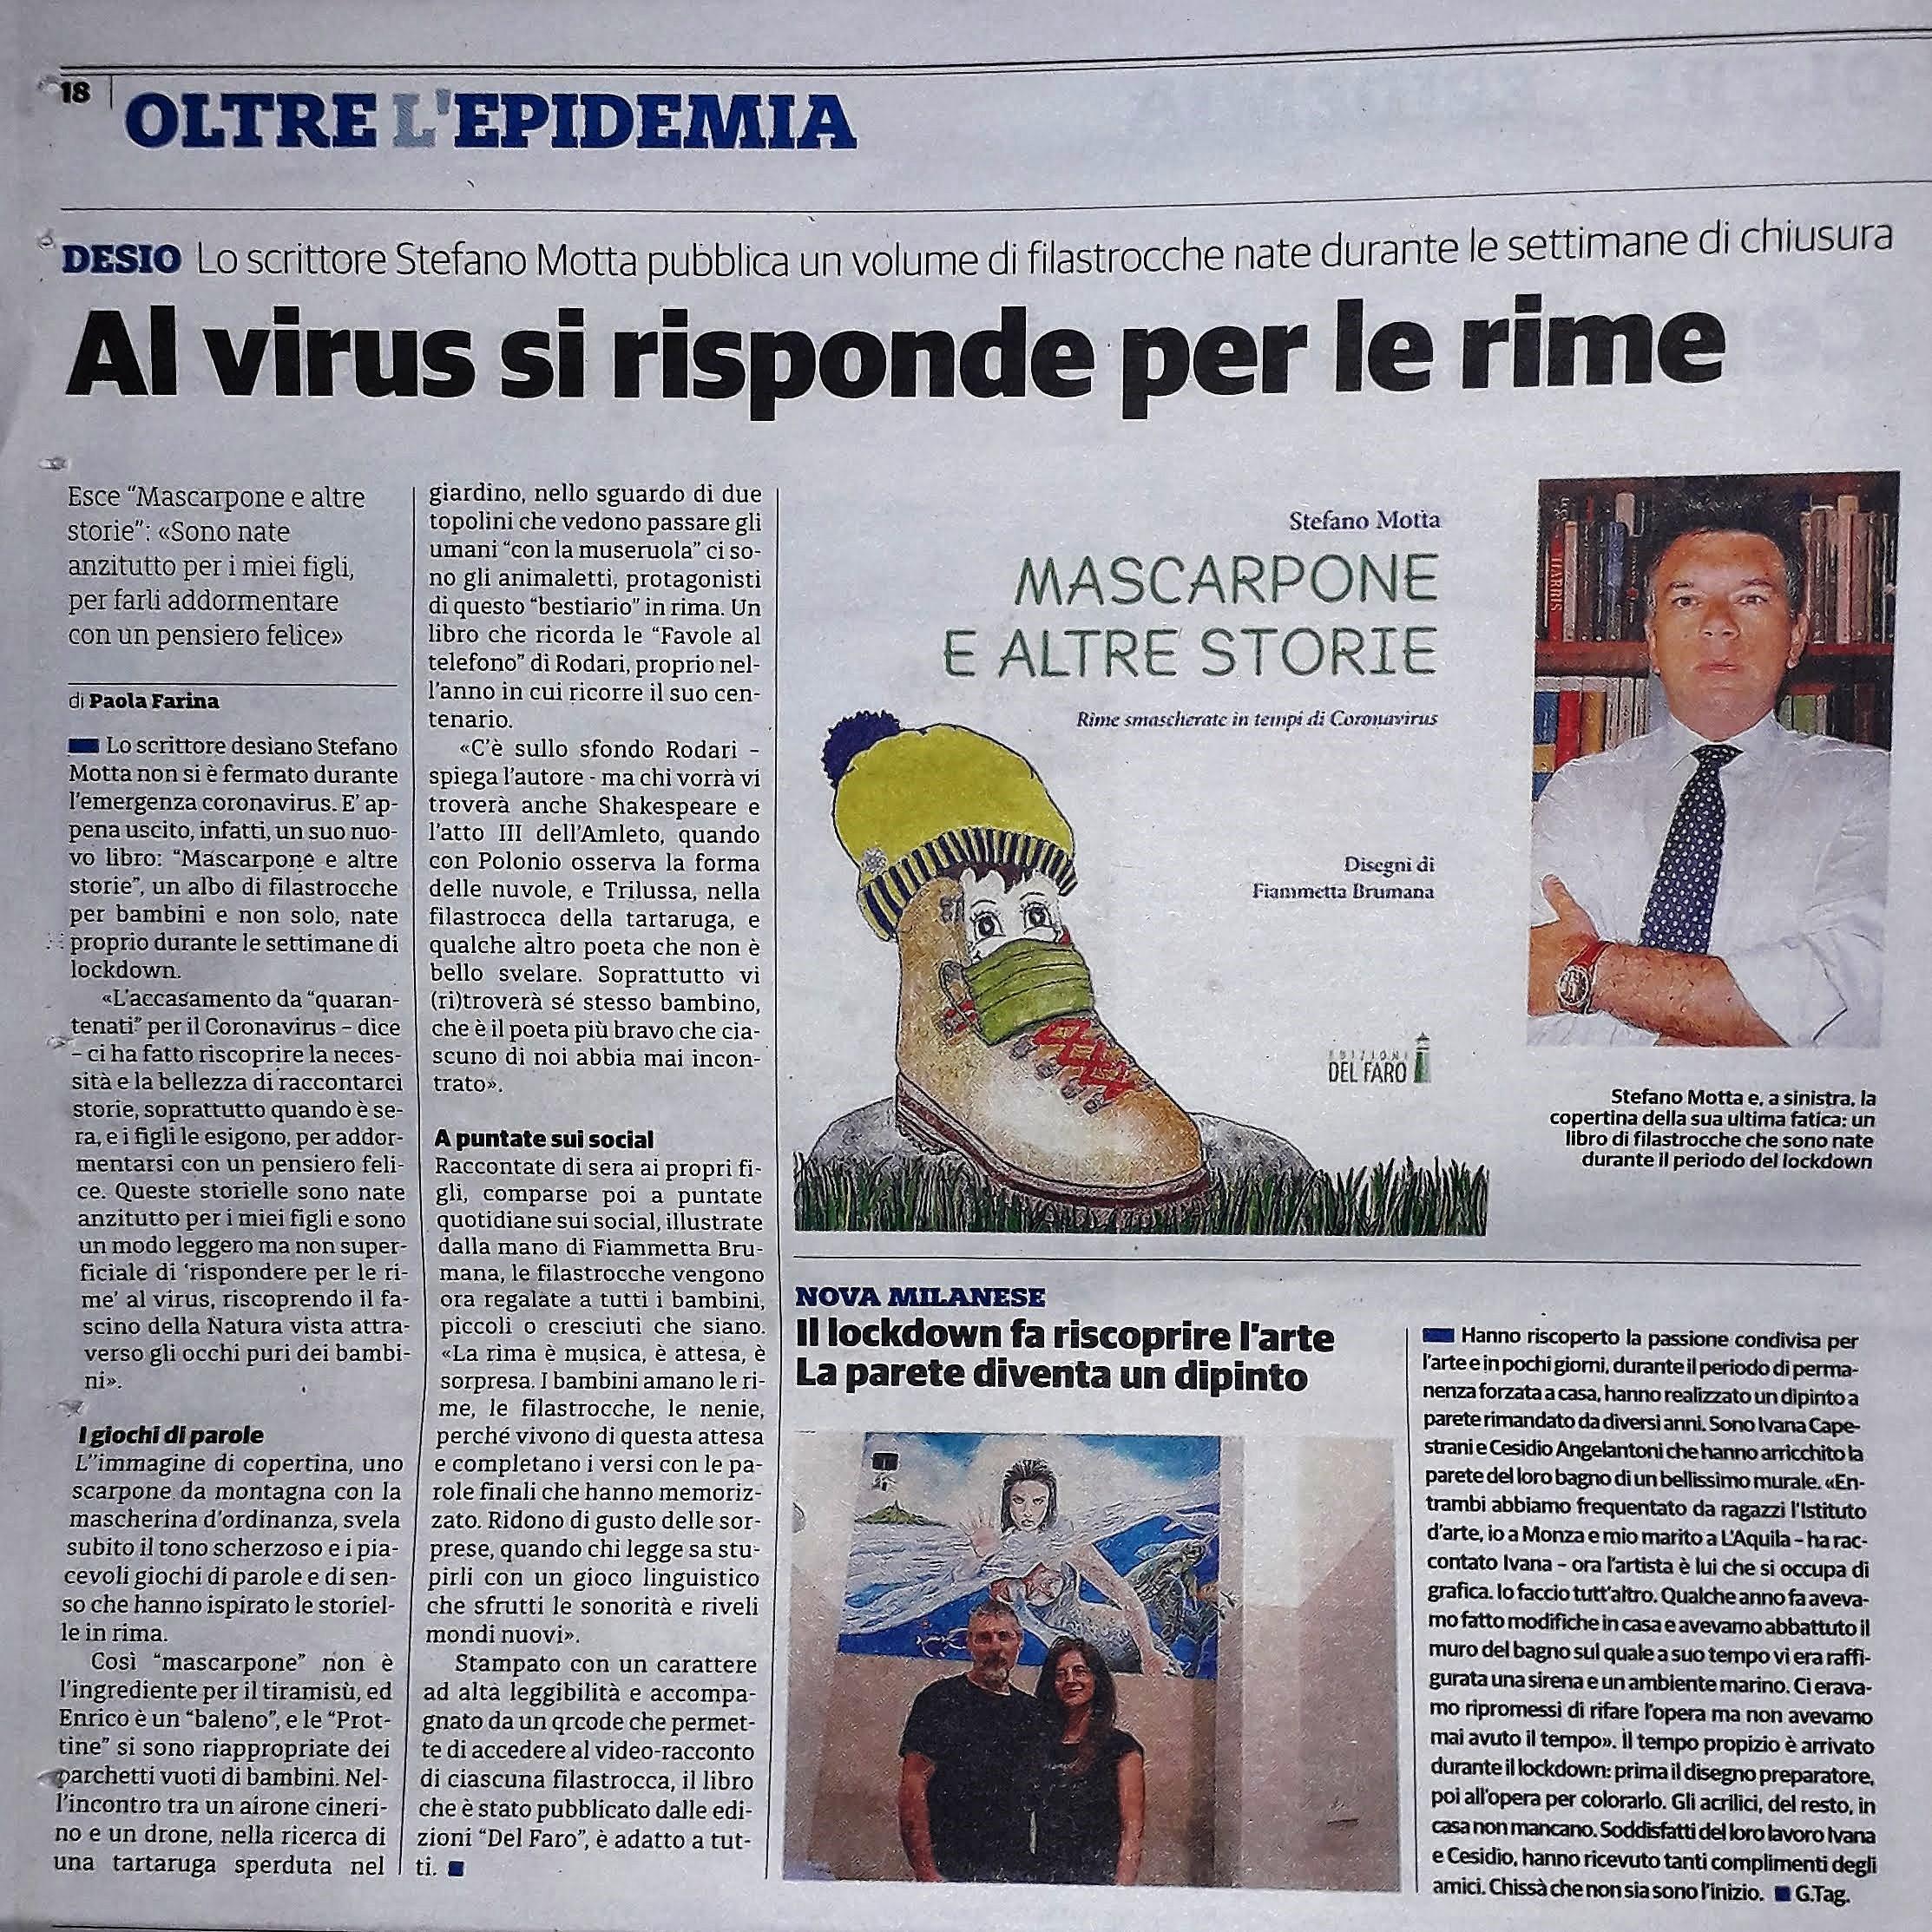 IlCittadino_06-06-20, p. 18_particolare.